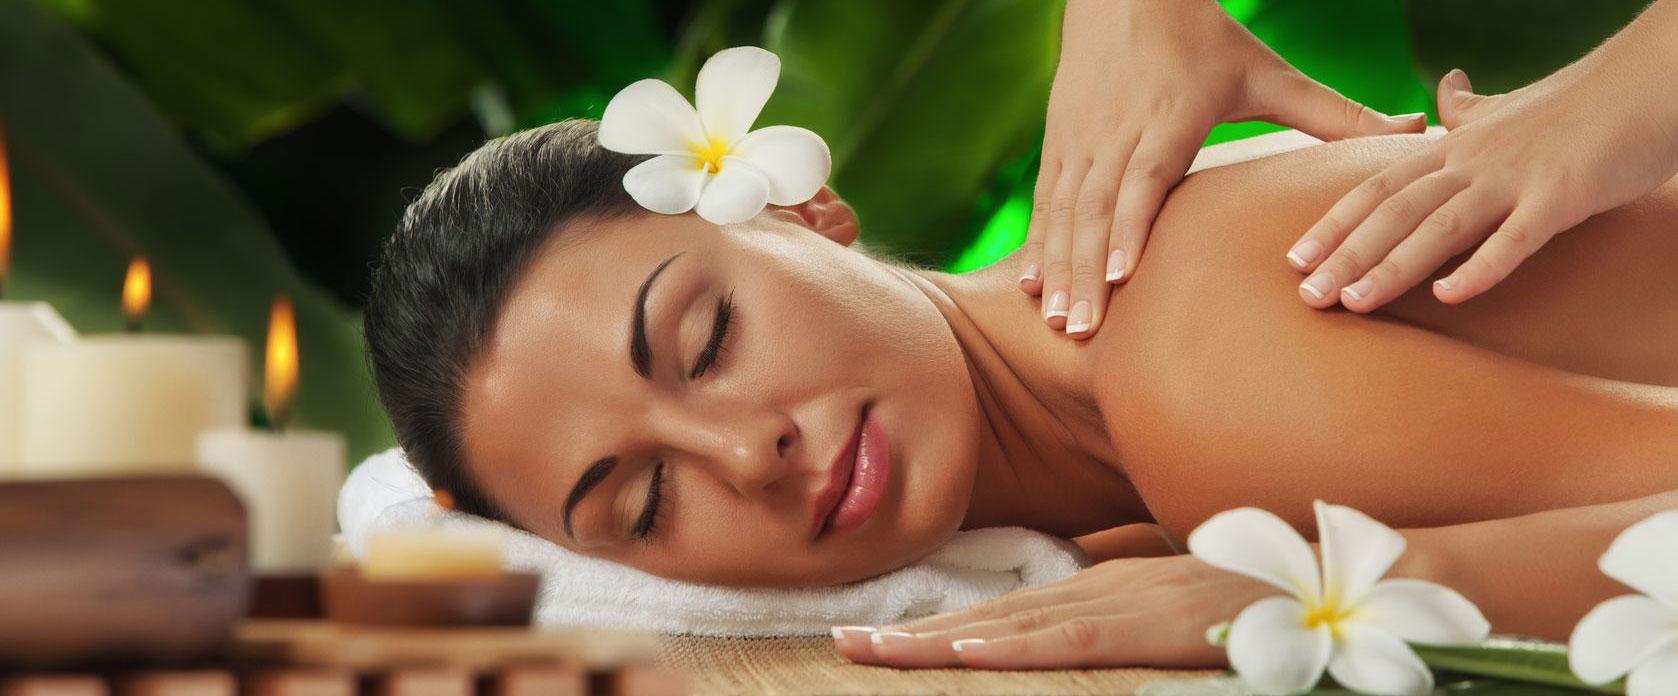 massage in stockholm sweden porr svensk